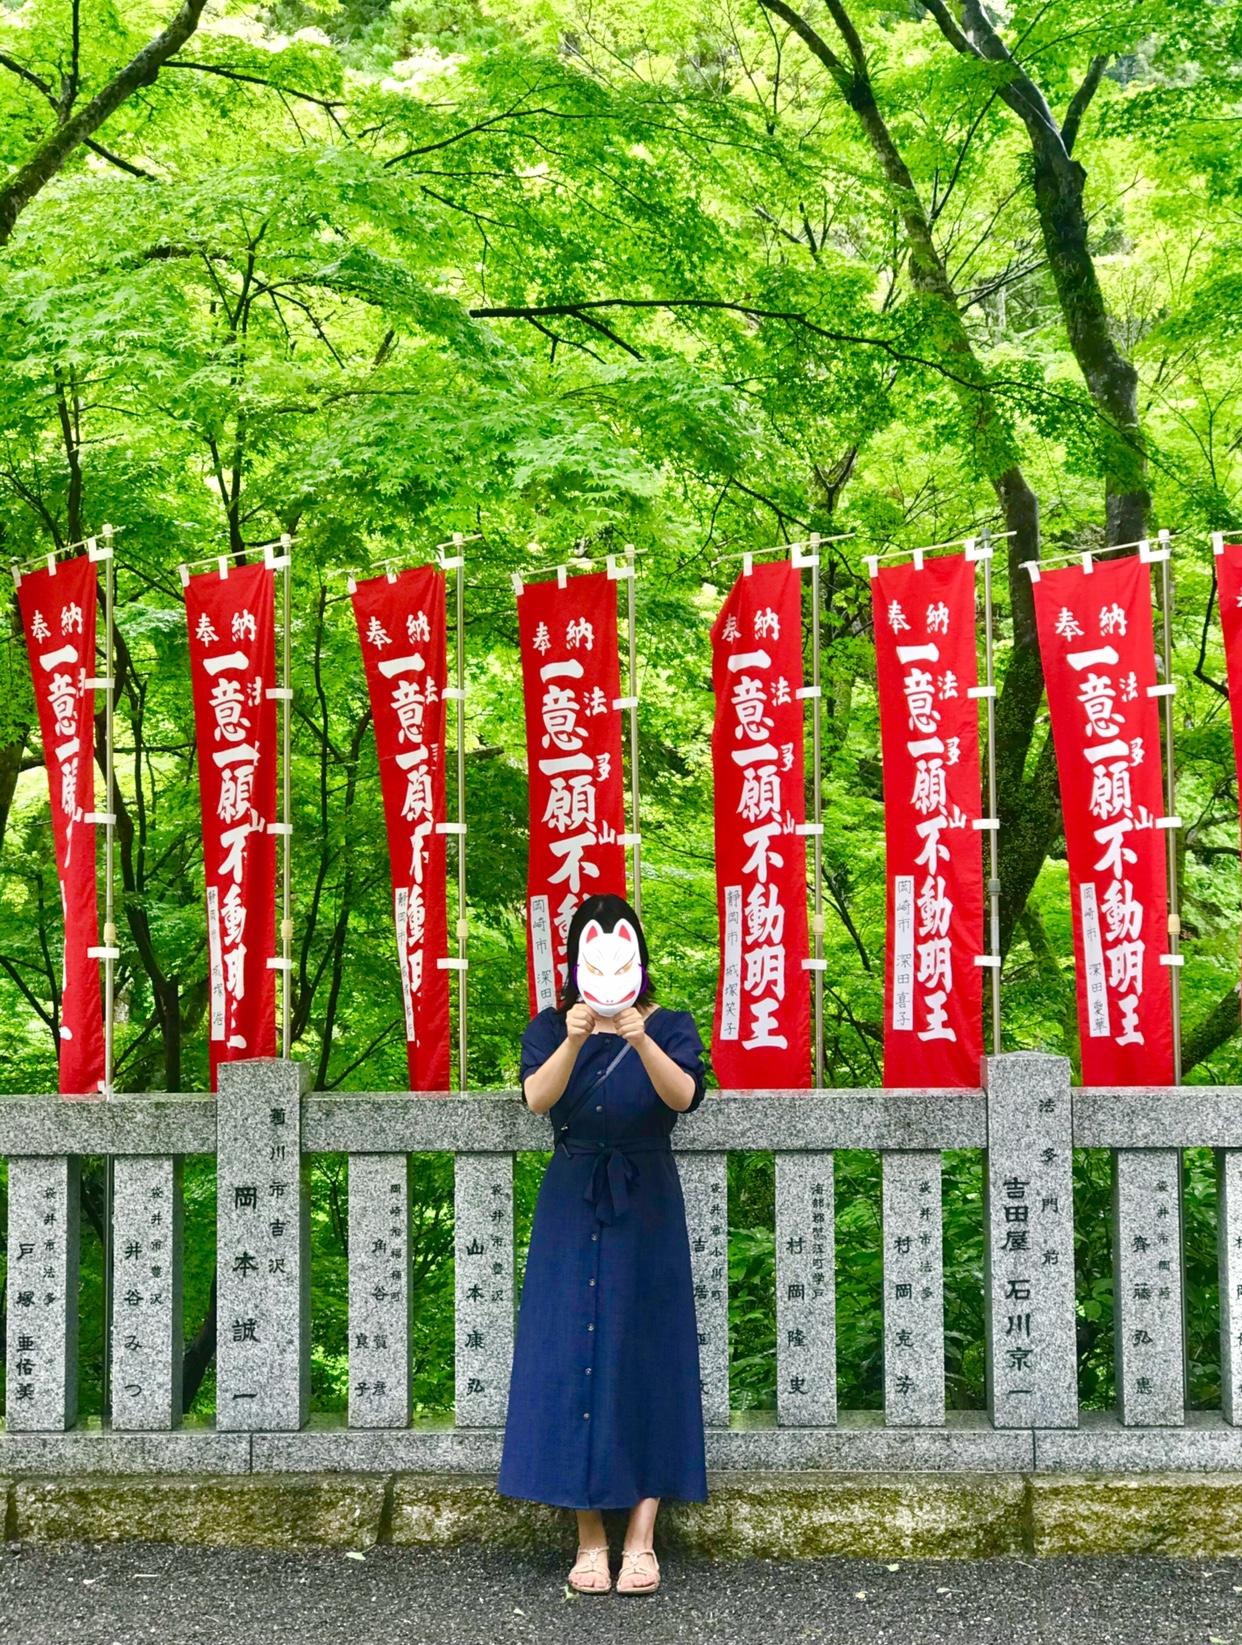 【風鈴×あじさい×傘】 風物詩が詰まったインスタ映えスポット 尊永寺①_7